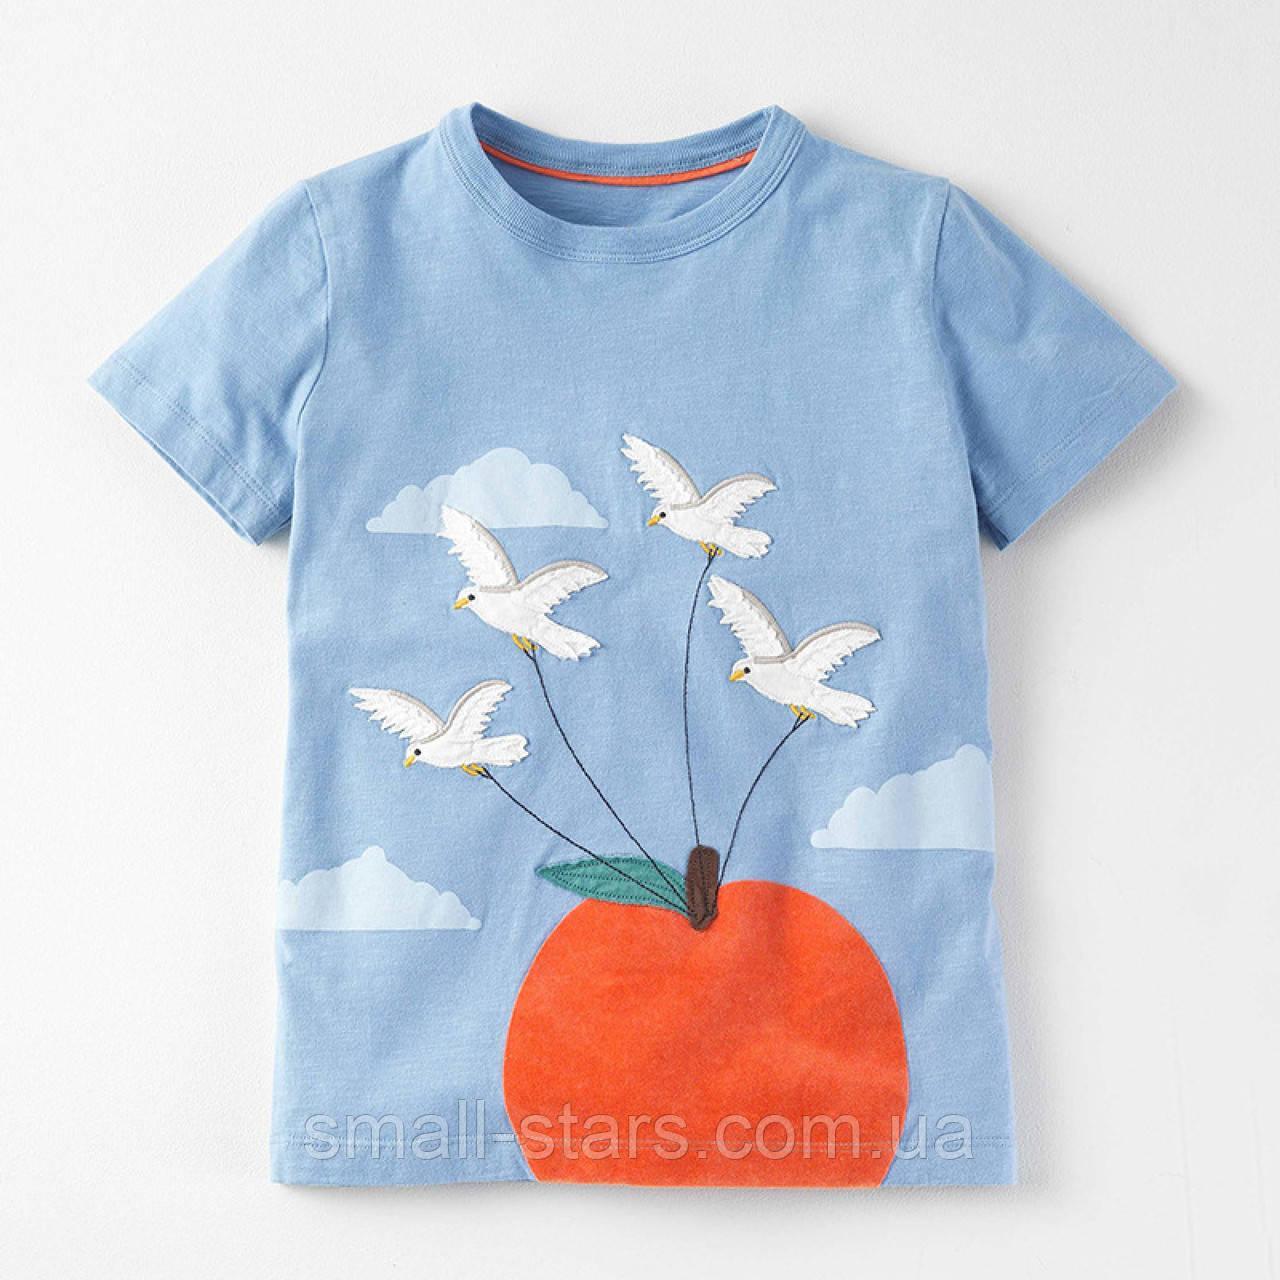 87593c5035883 Футболка для девочки, голубая. Голуби. - Интернет-магазин товаров для детей